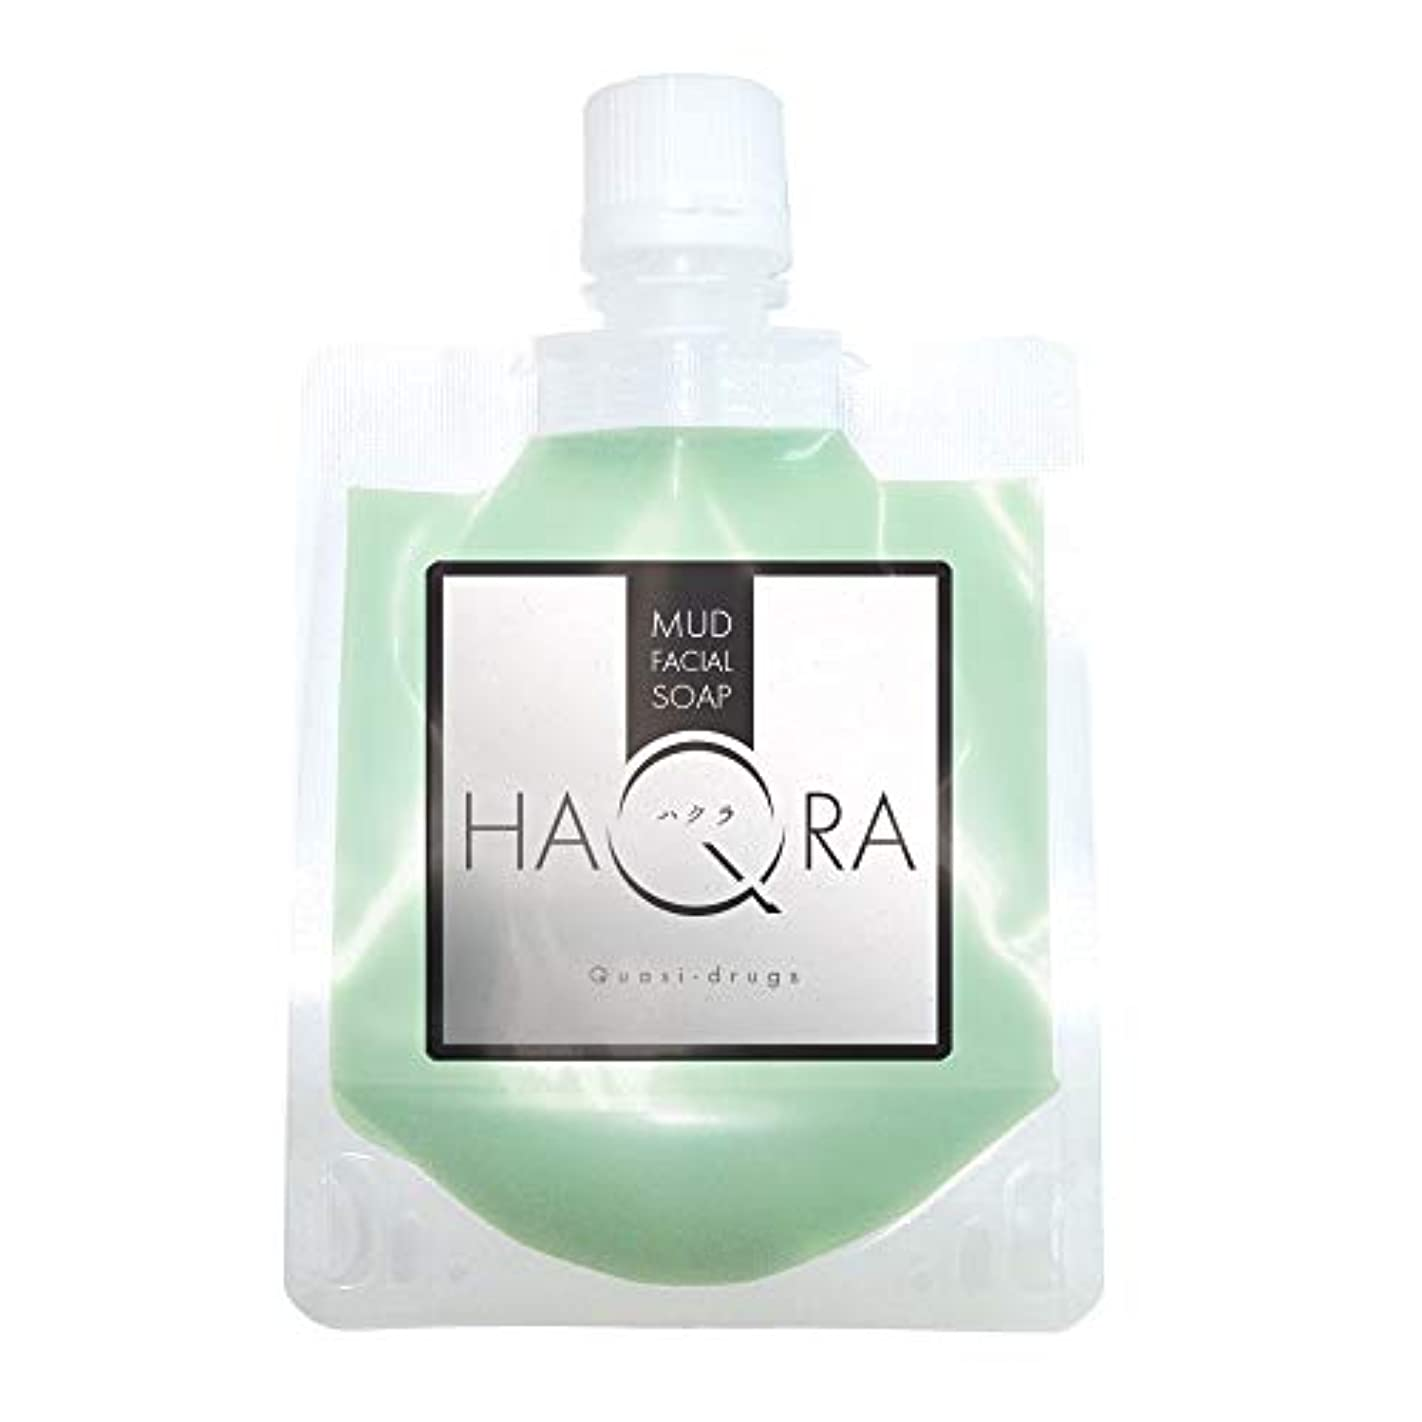 謝罪方言コードレスハクラ HAQRA クレイ洗顔 泥洗顔 石鹸 石けん